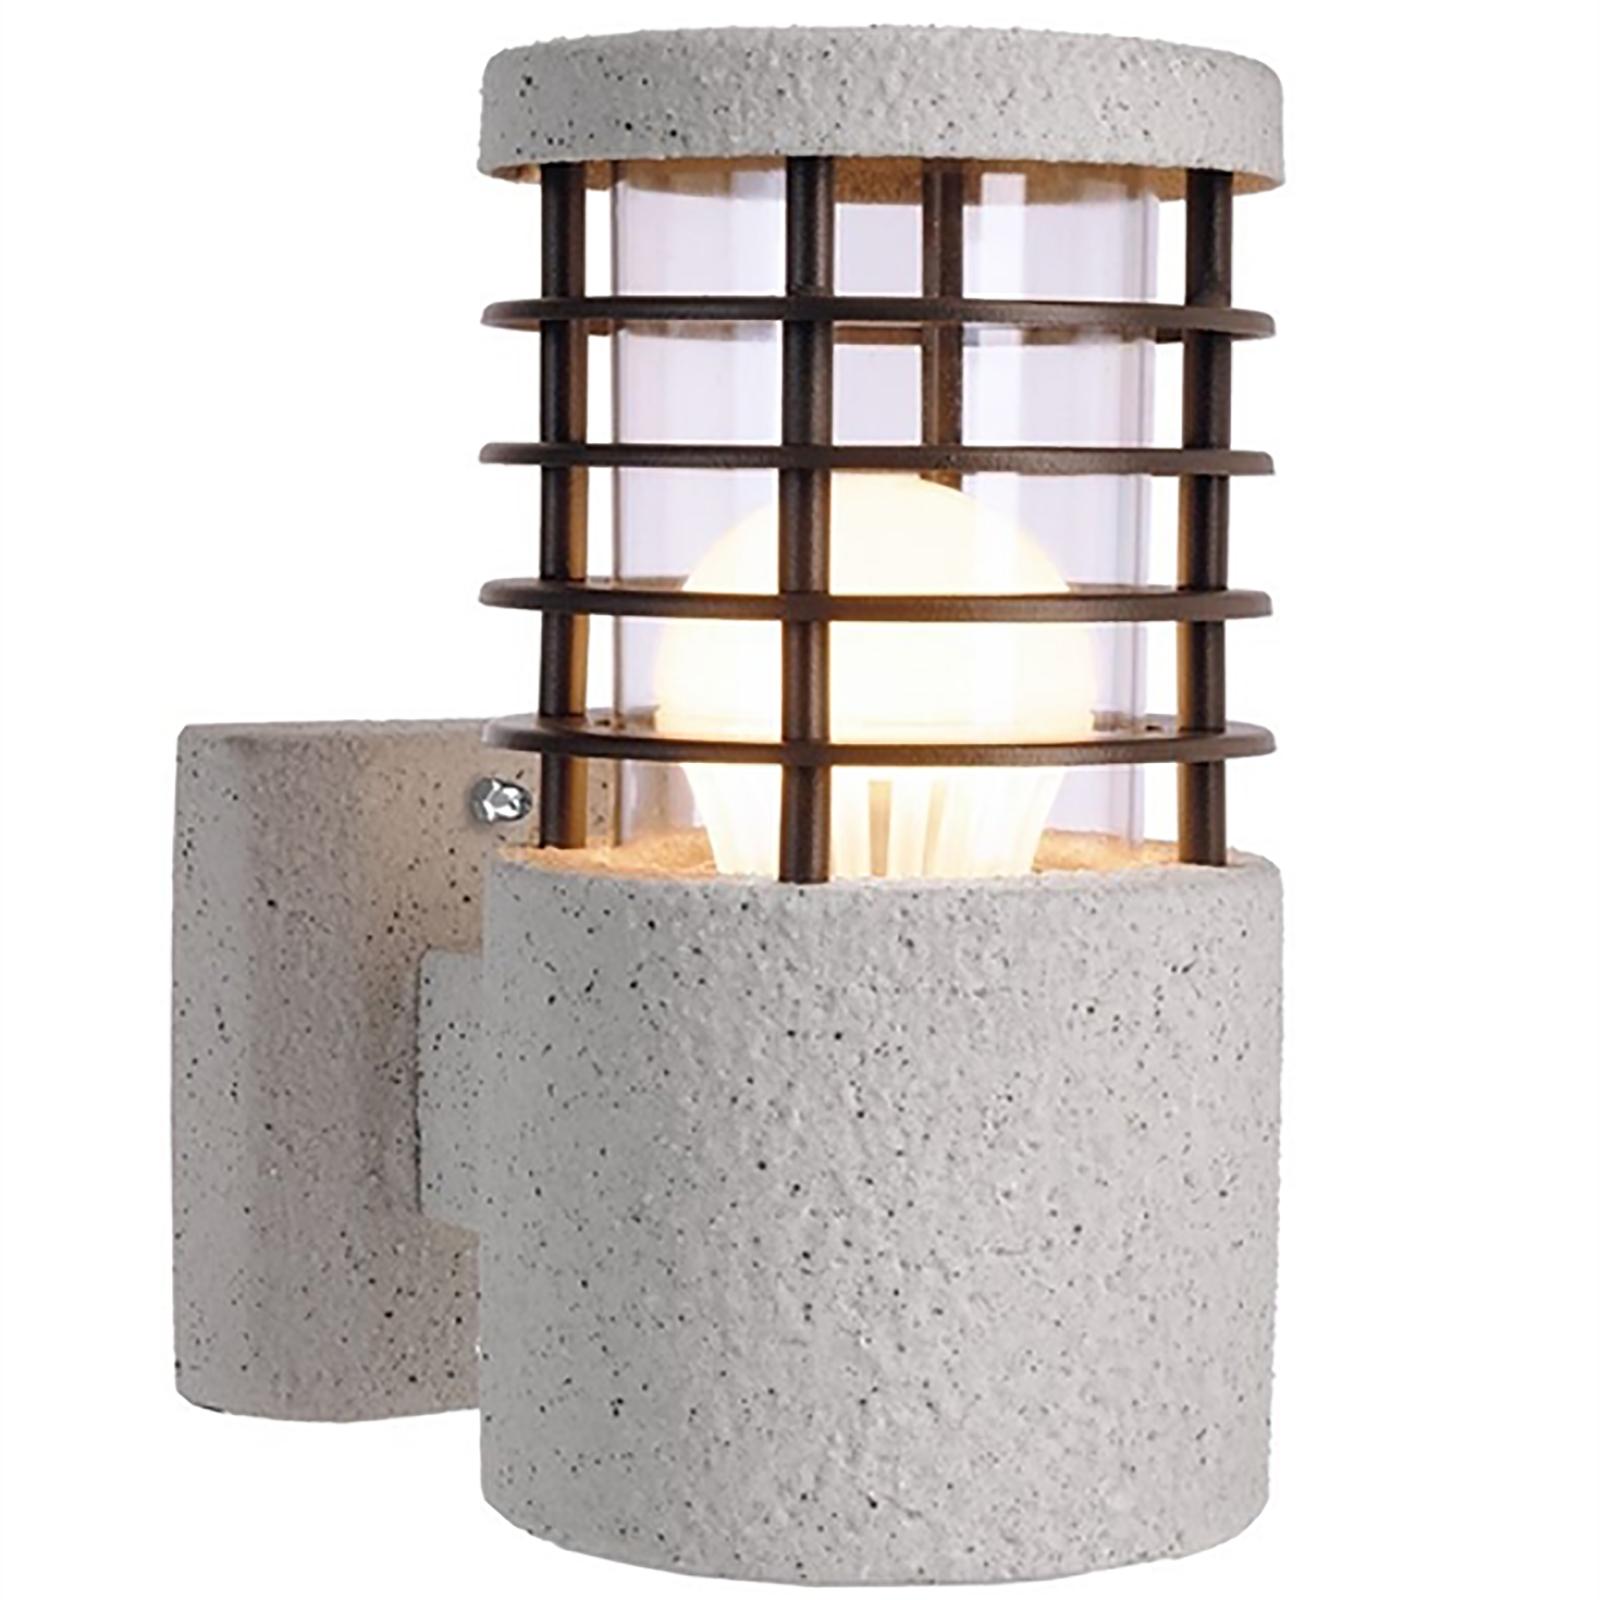 In acciaio inox Design Lampada Muro Esterno Faretto facciata Illuminazione Lampada Balcone